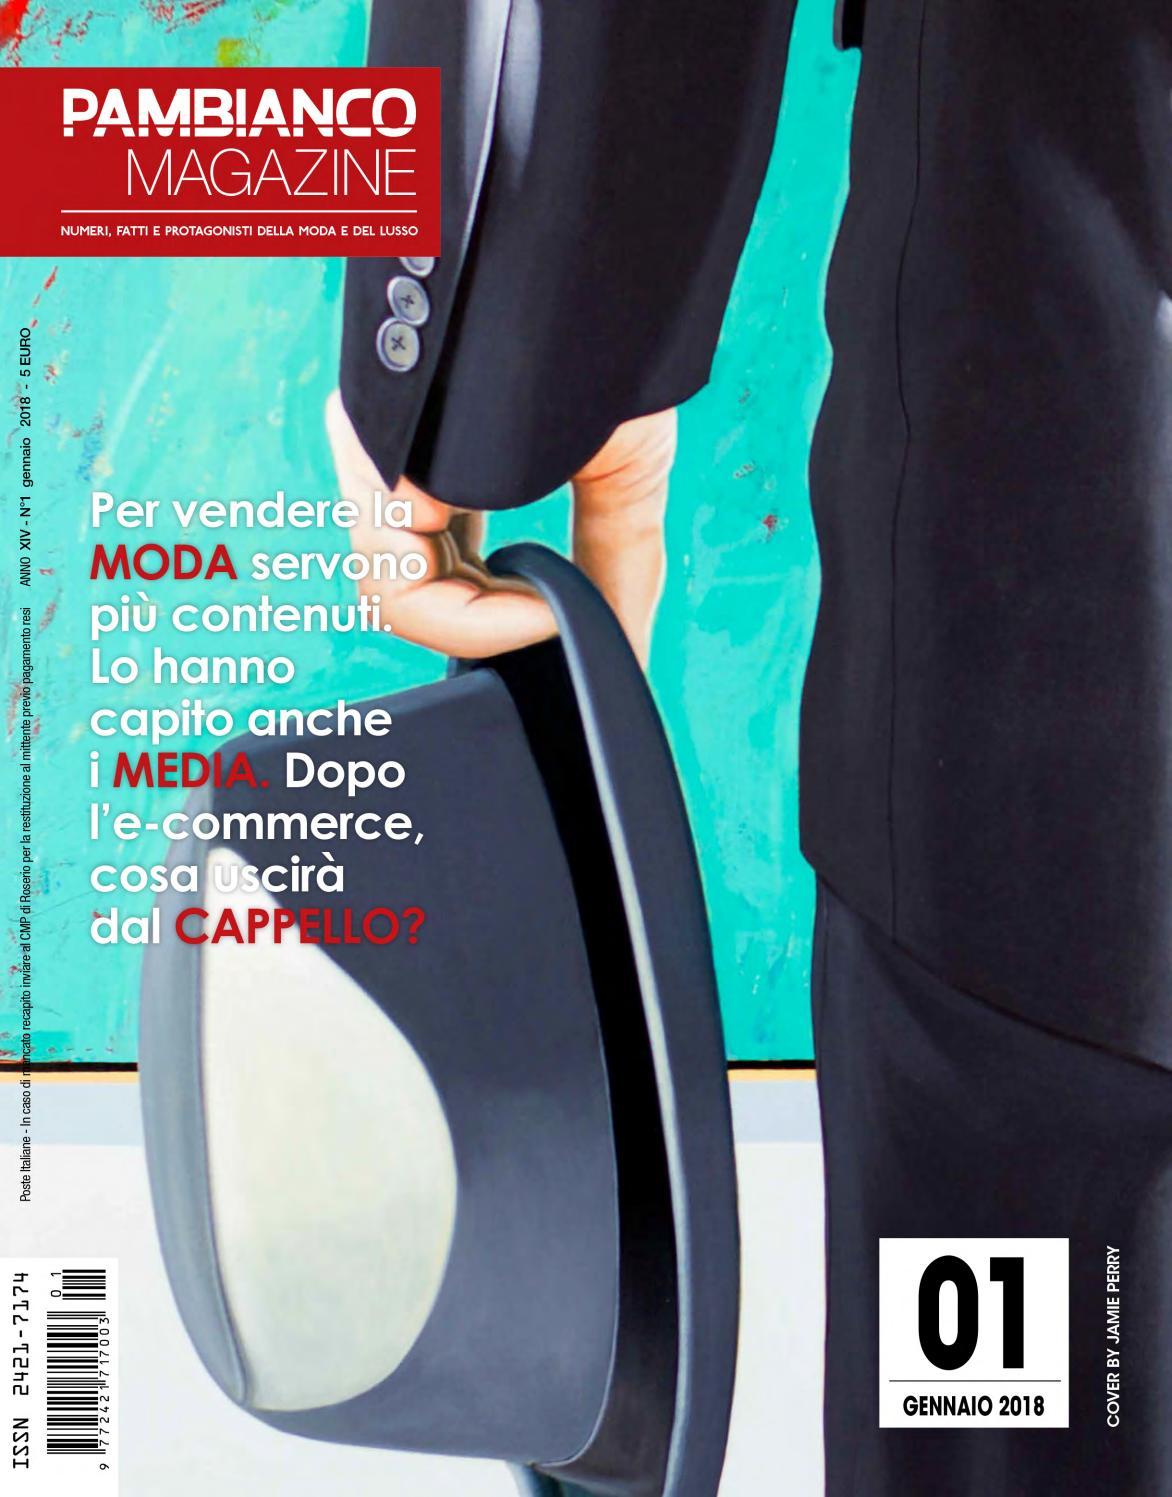 4e0ace1813 Pambiancomagazine 1 XIV by Pambianconews - issuu